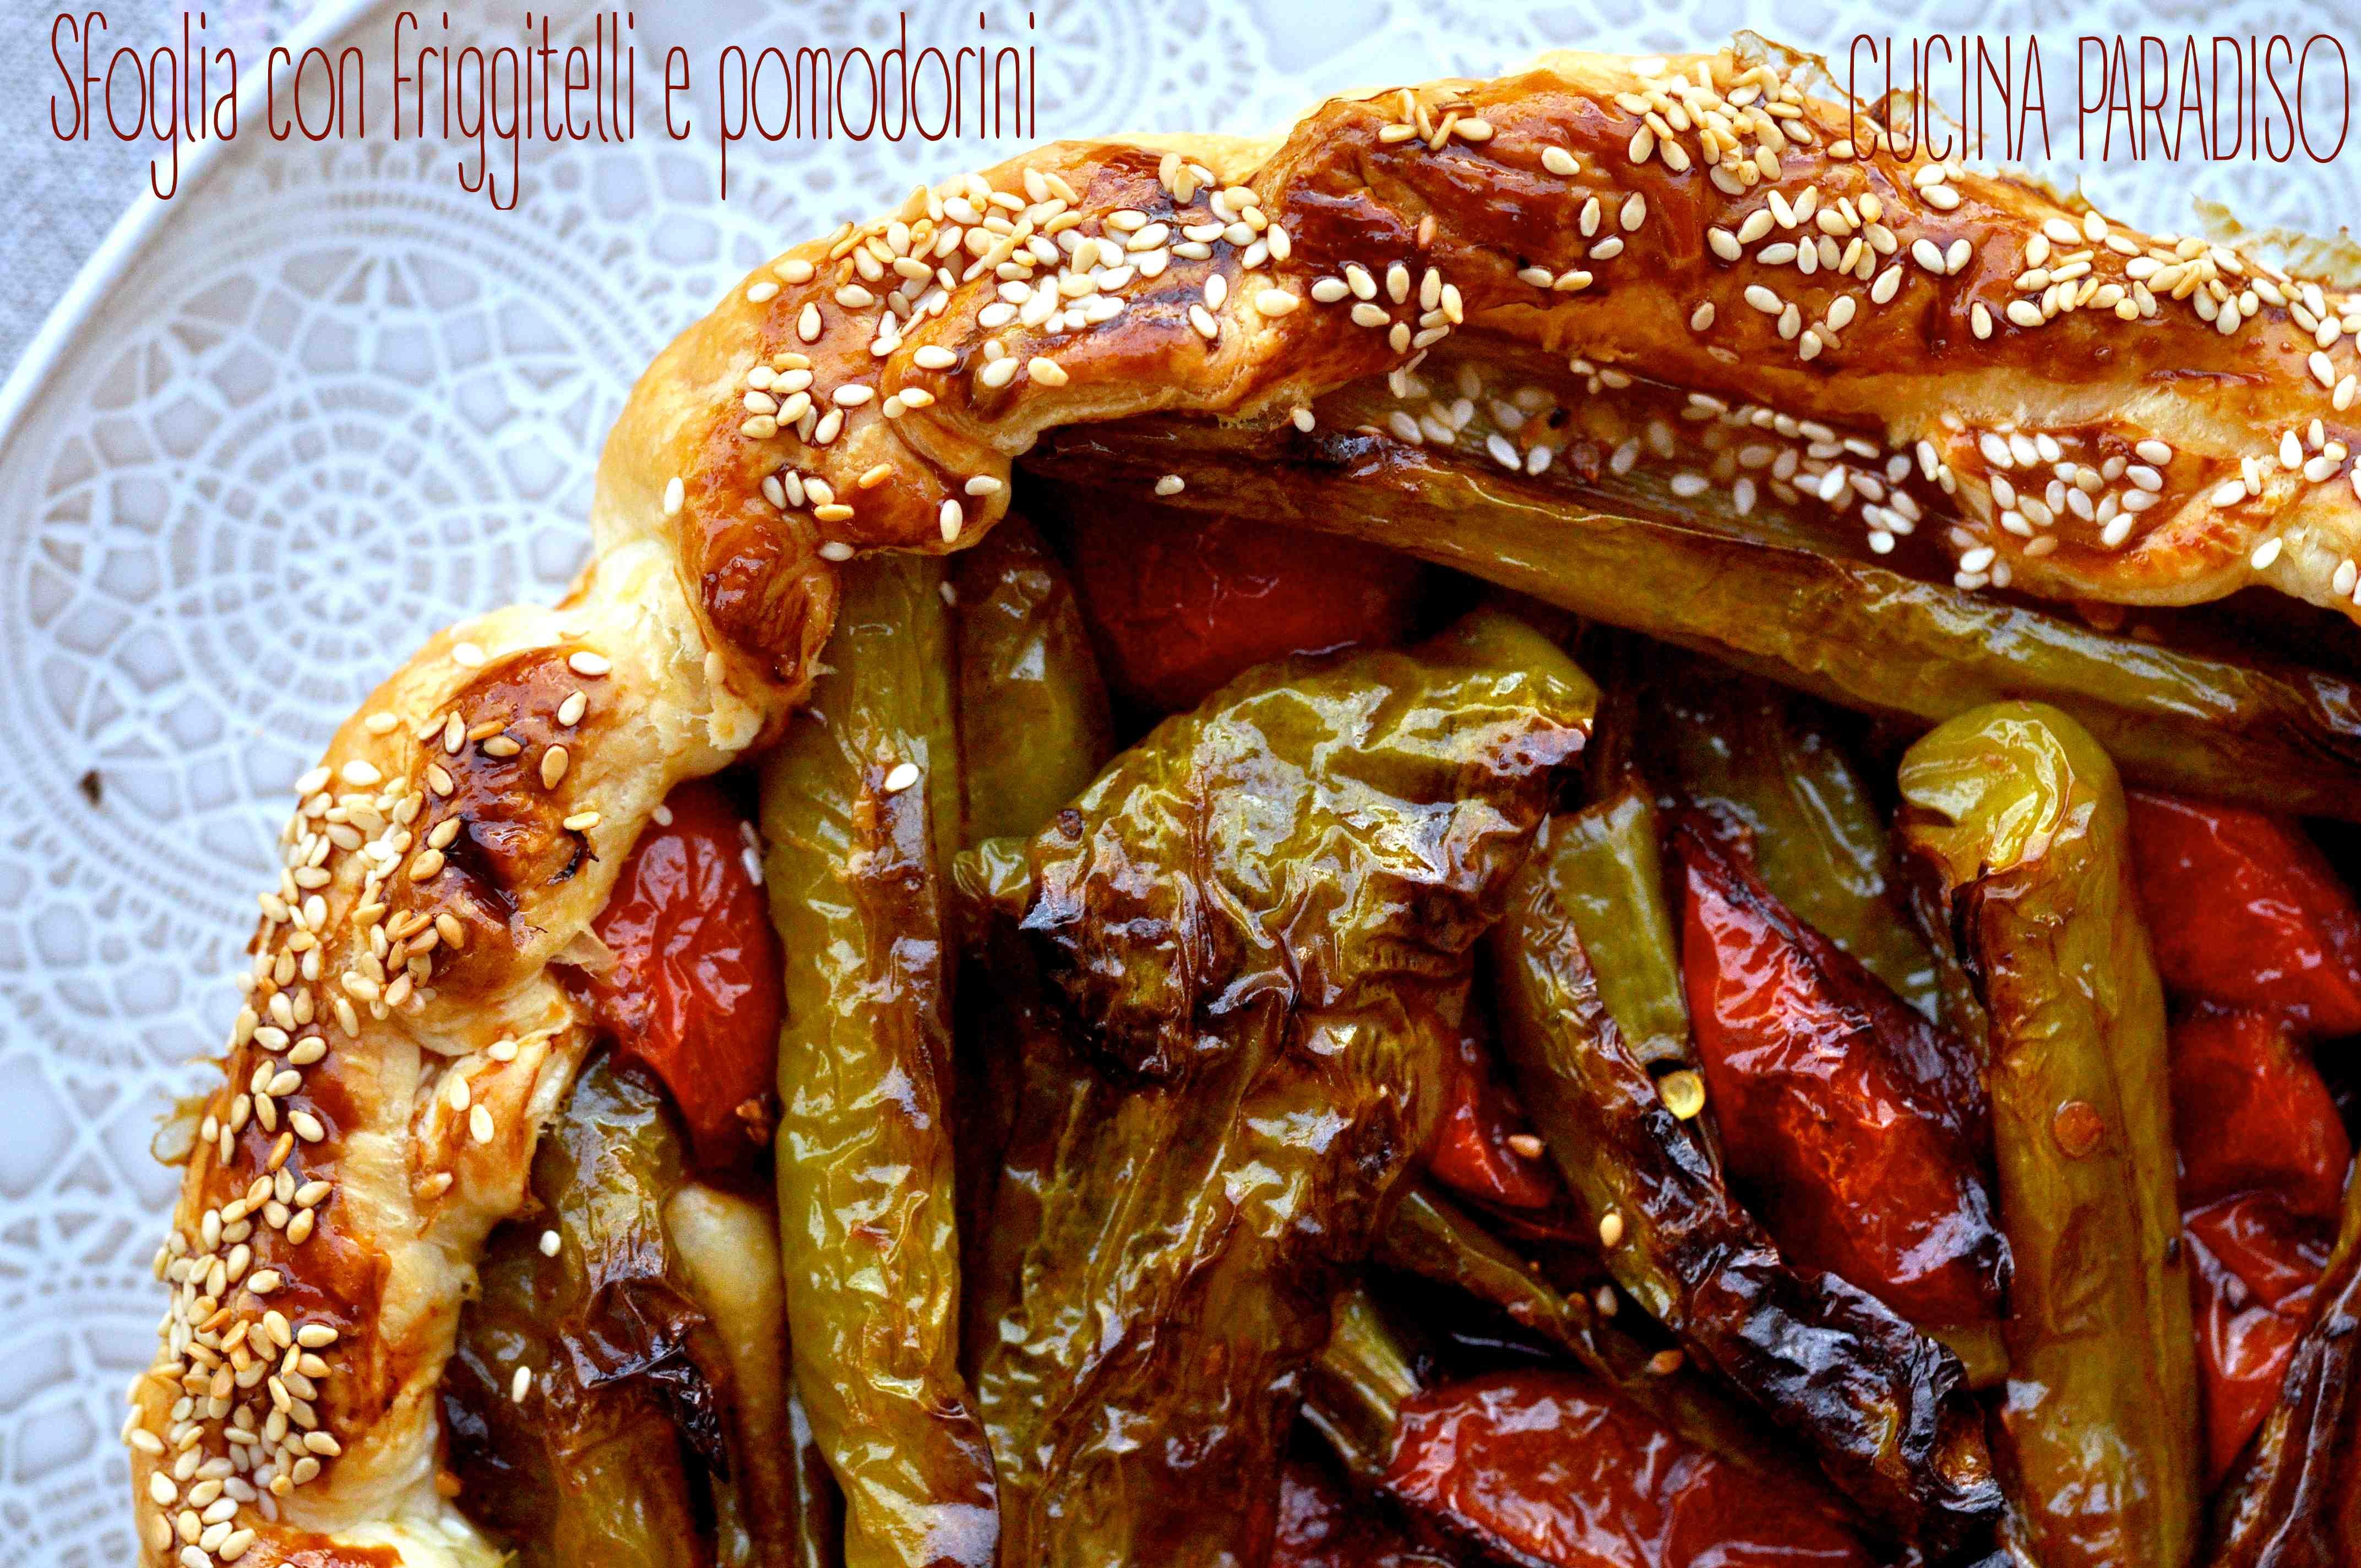 Sfoglia con friggitelli e pomodorini2